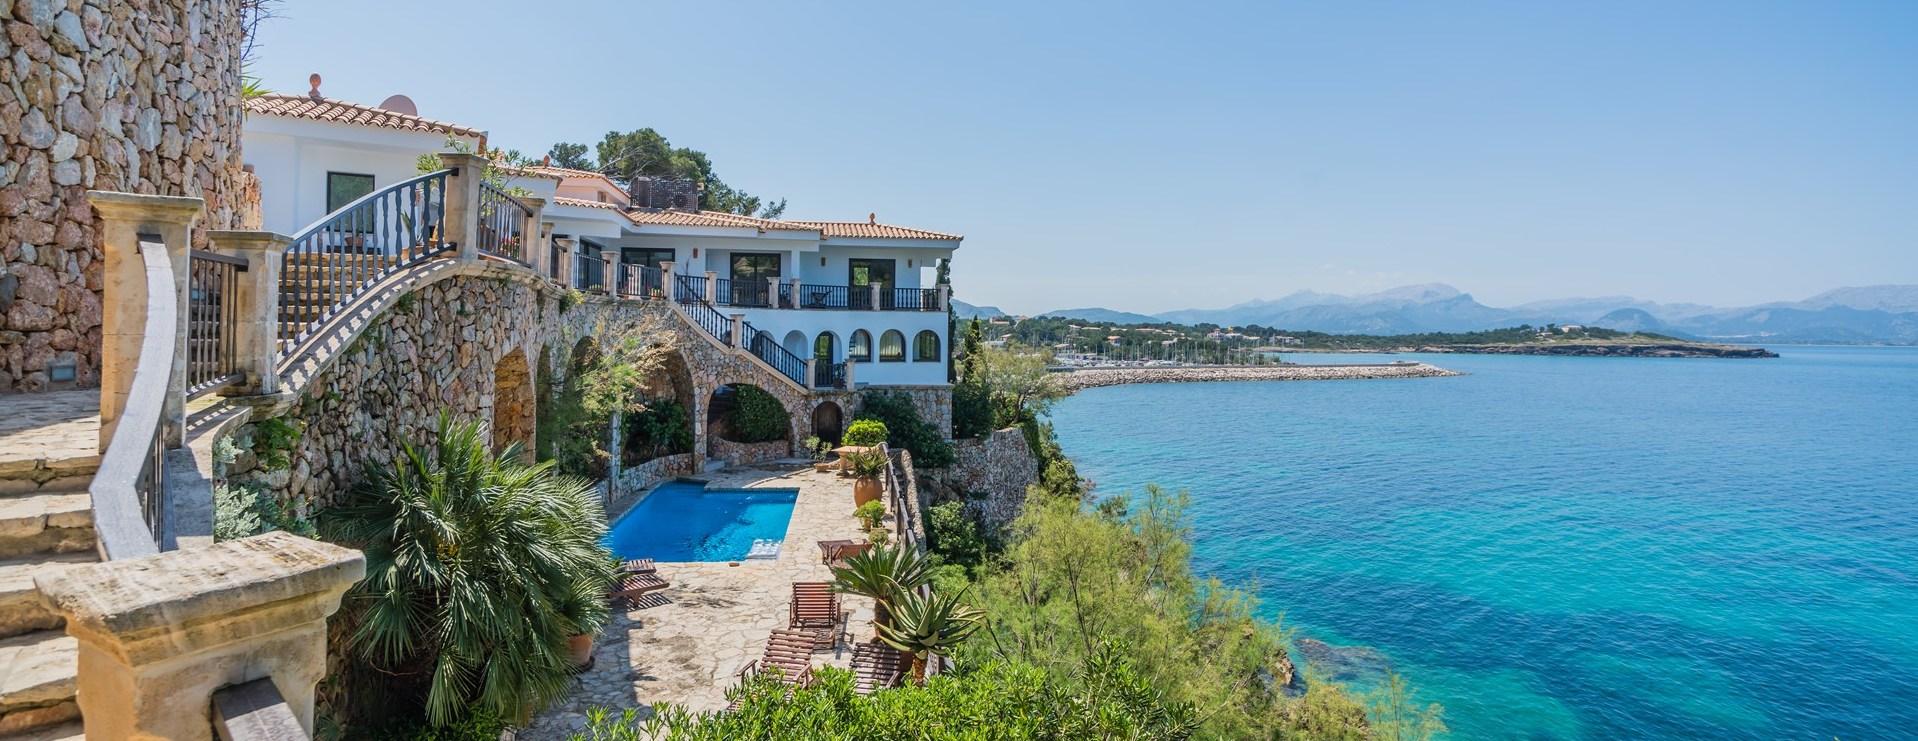 luxury-4-bedroom-villa-mallorca